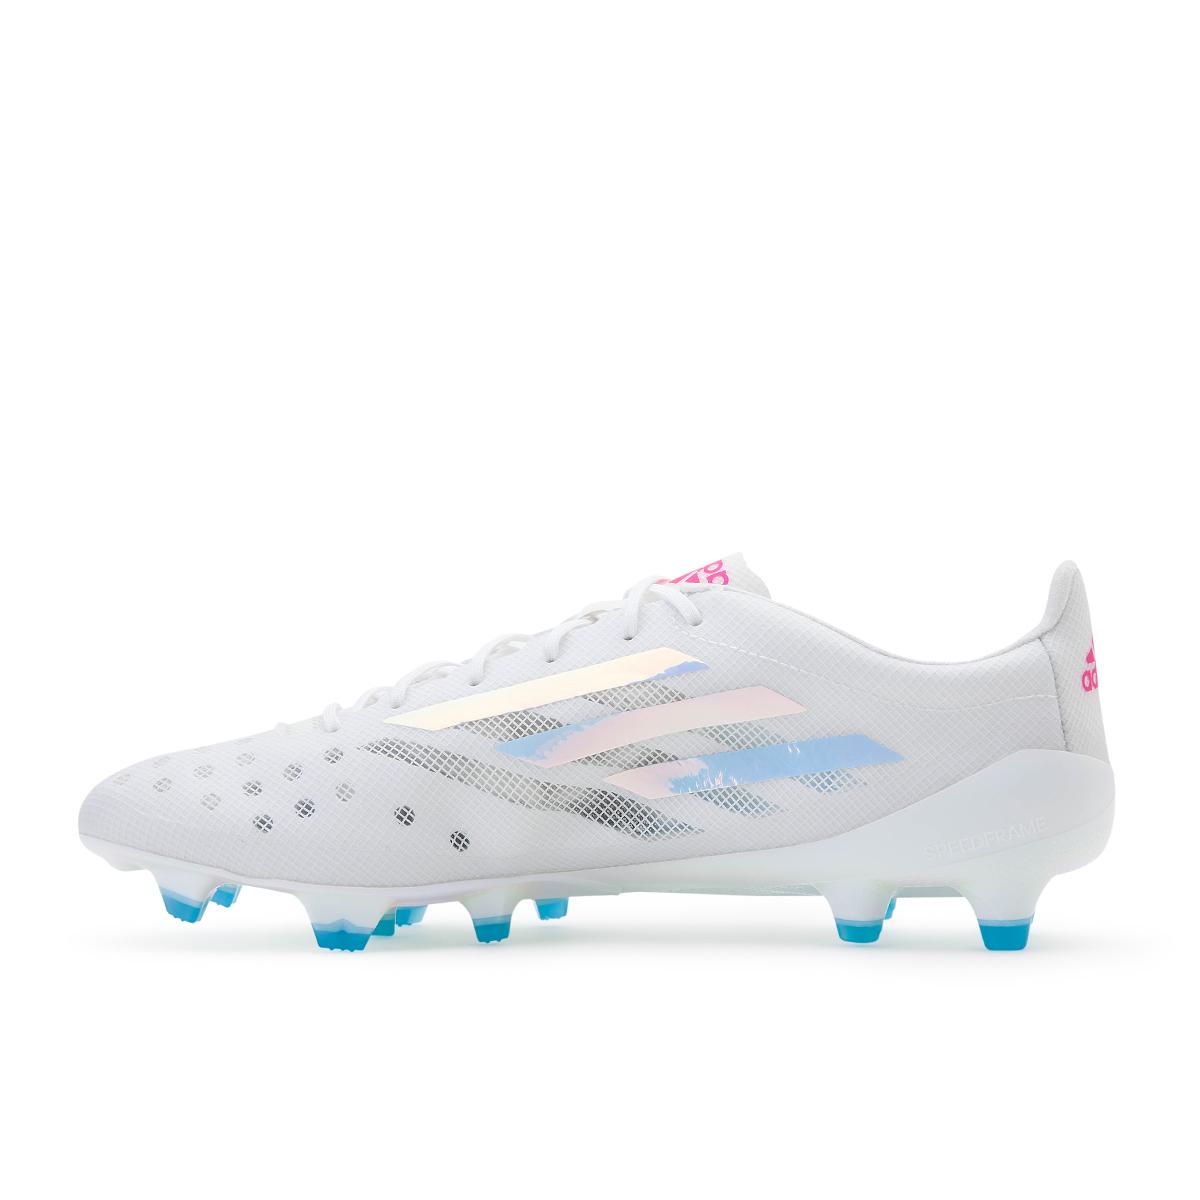 adidas_99x19_fg_-_ftwwht-brcyan-shopnk_e